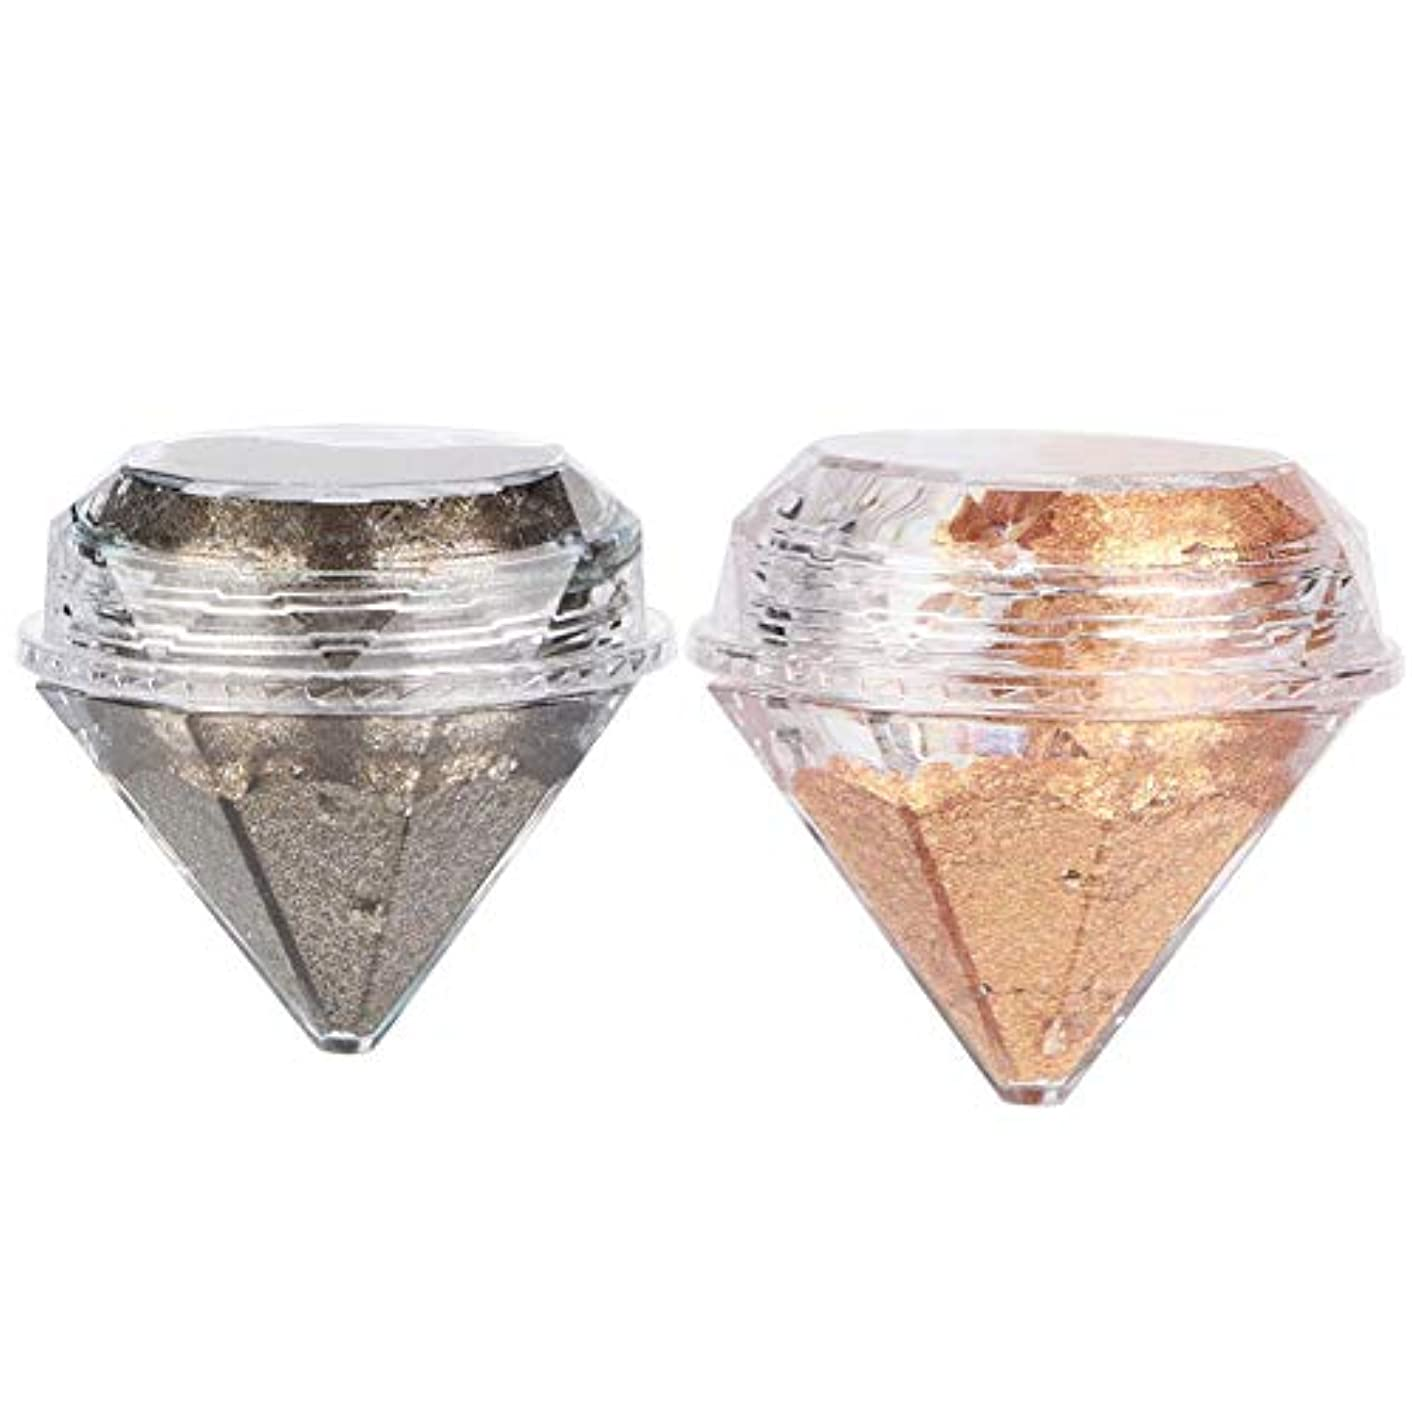 リフト軌道英語の授業がありますアイシャドウクリームパールシャイニングダイヤモンドリキッドアイシャドーメイクアップツール(01)